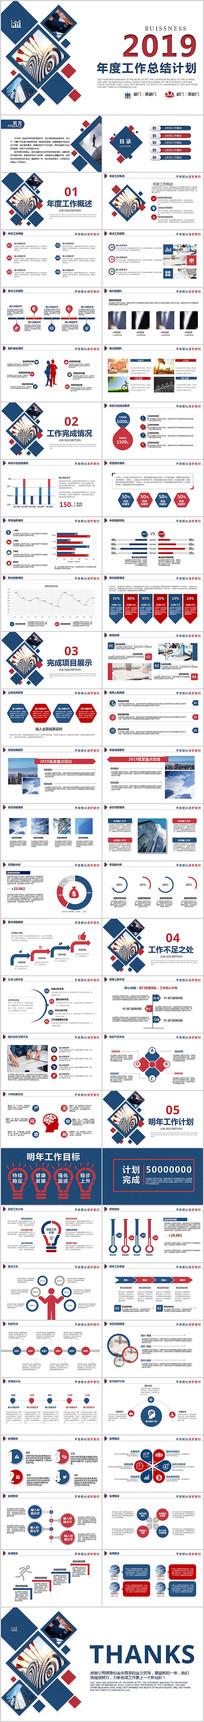 2019红蓝工作总结计划PPT